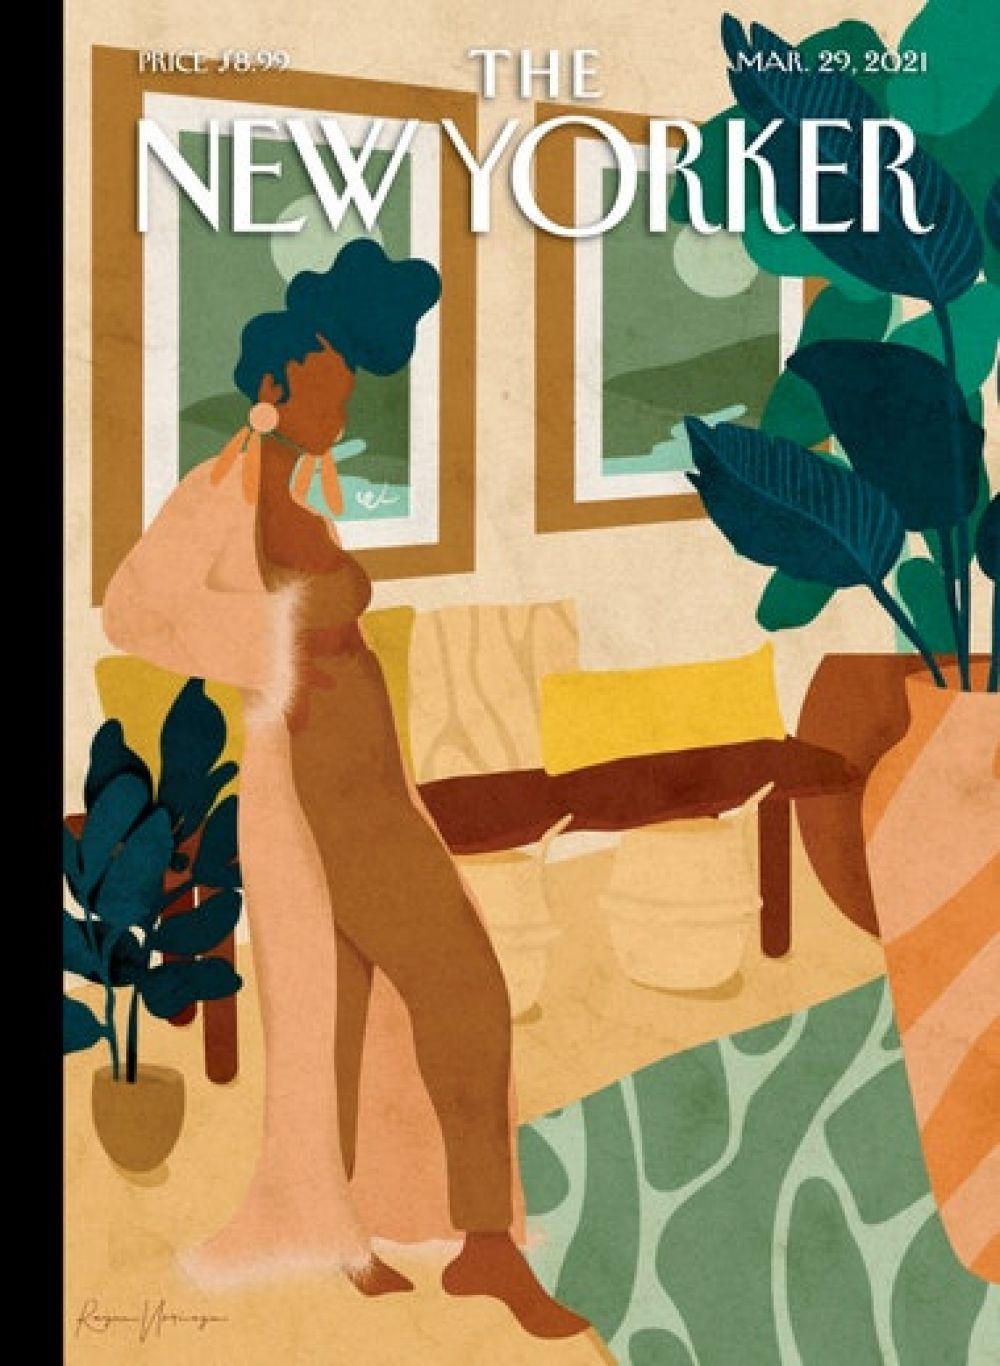 Американский The New Yorker за март. Многие американцы из-за пандемии были вынуждены сменить стиль одежды. В тренде – пижама.